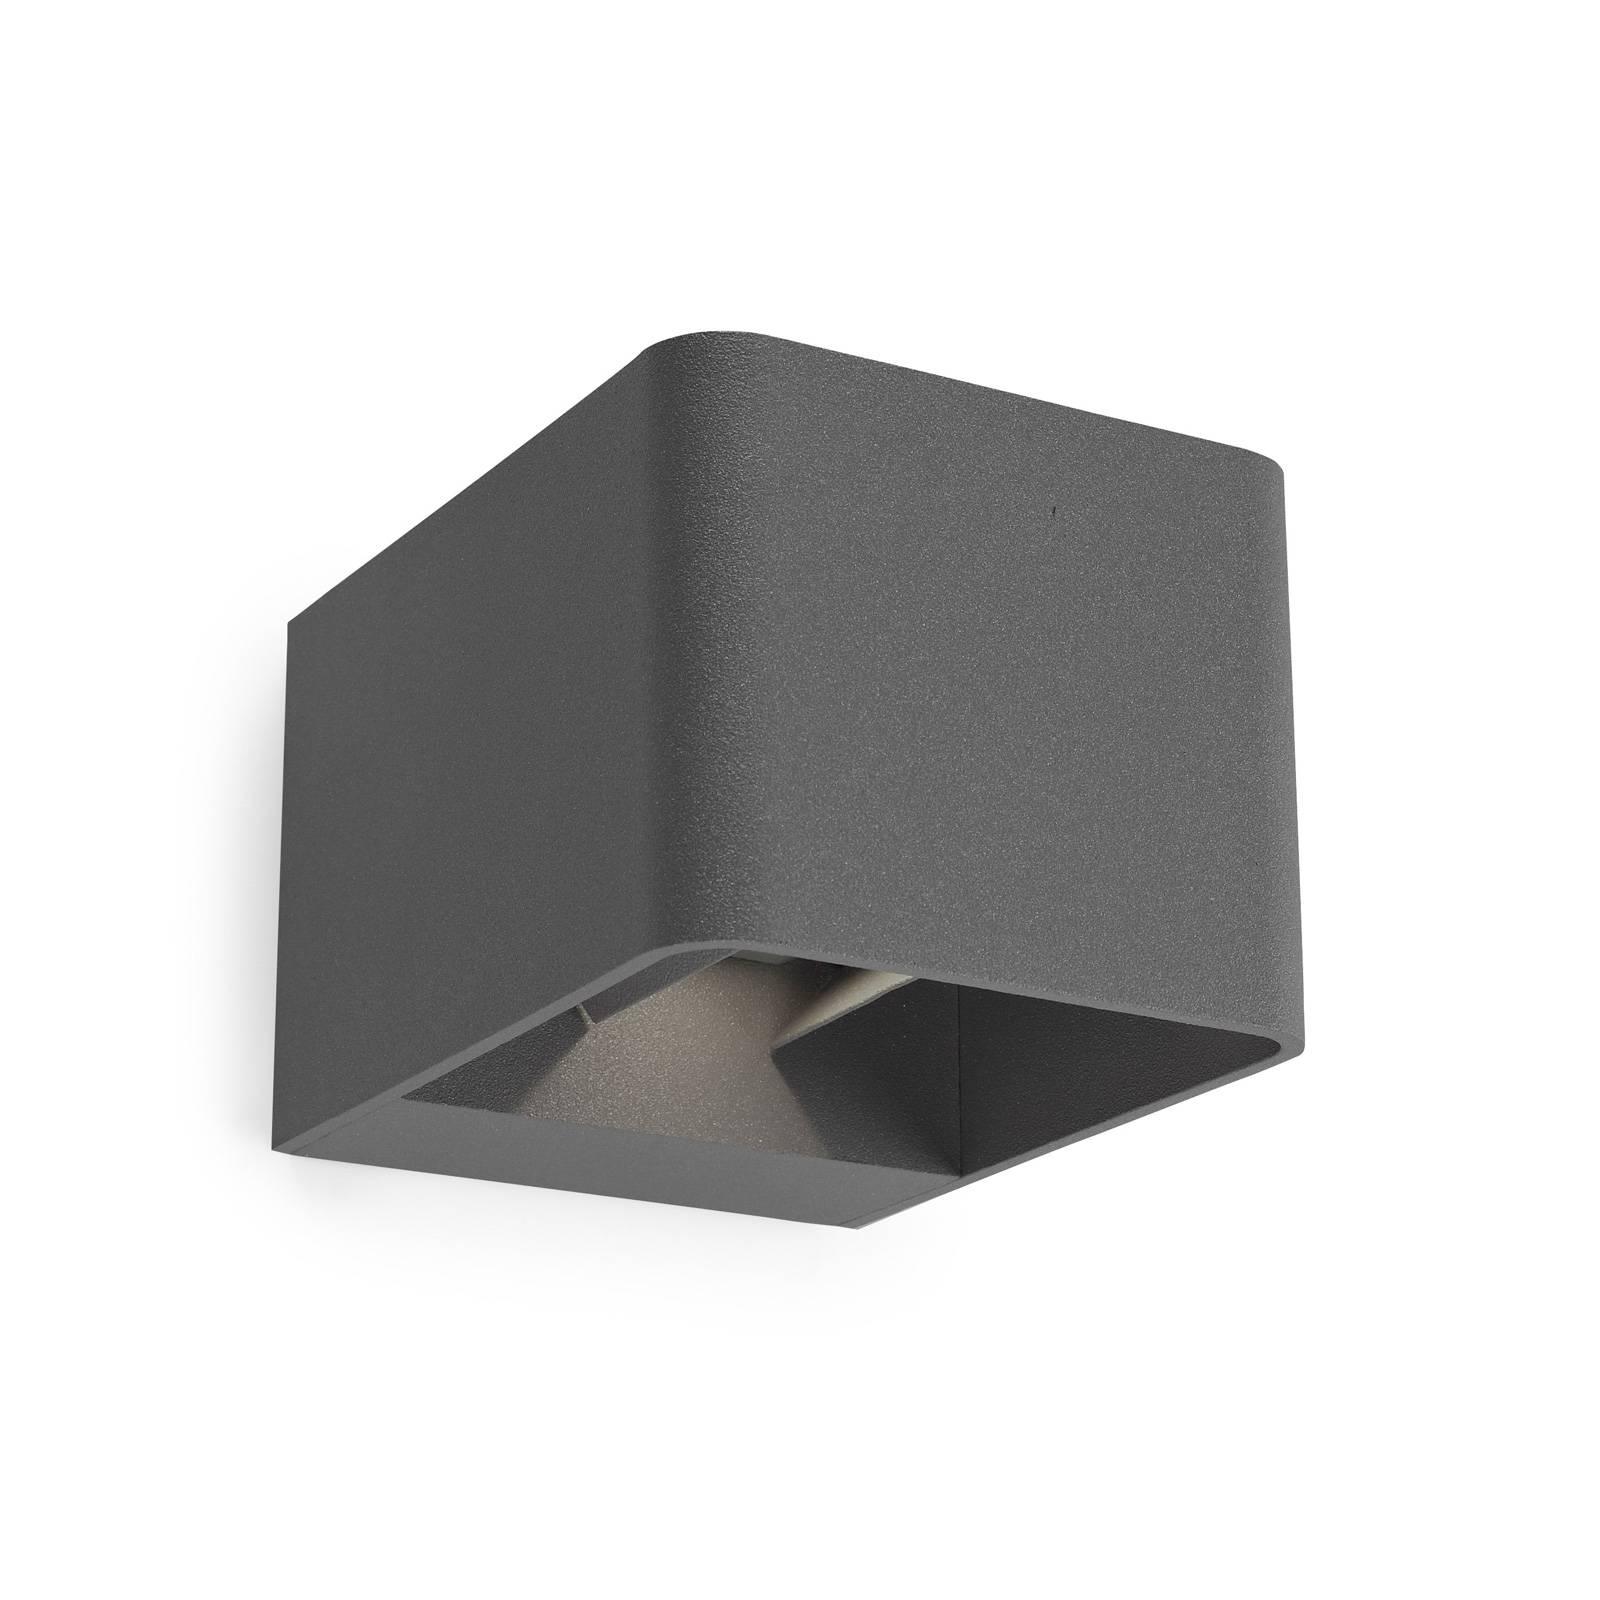 LEDS-C4 Wilson applique ext. LED, 11cm anthracite